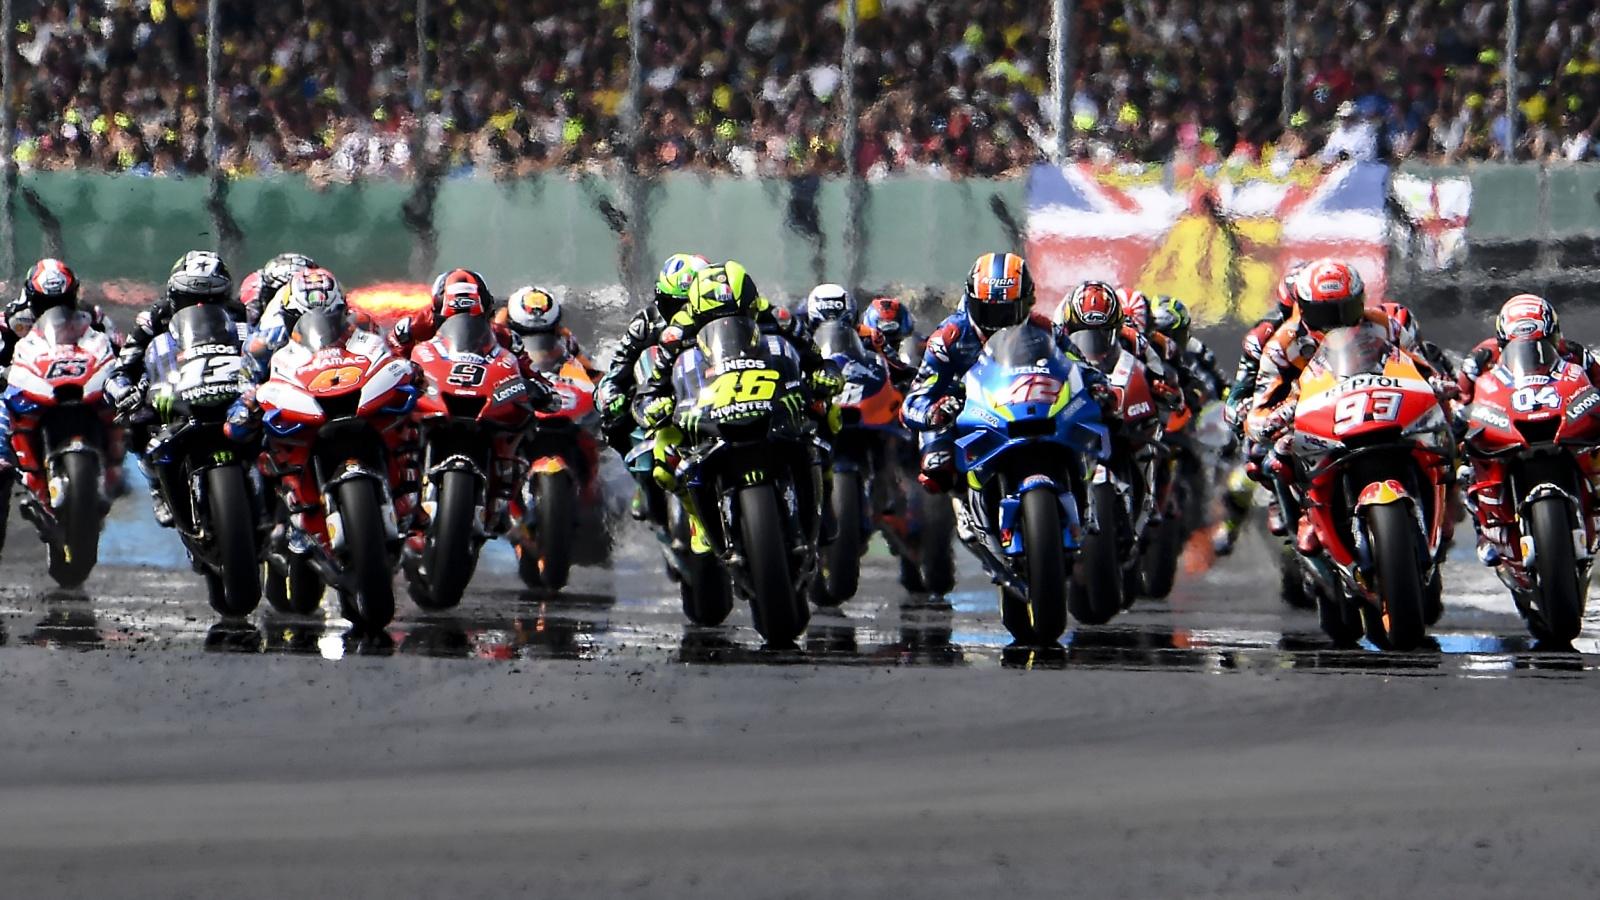 MotoGP 2019: Todos los pilotos, rendimiento y evolución